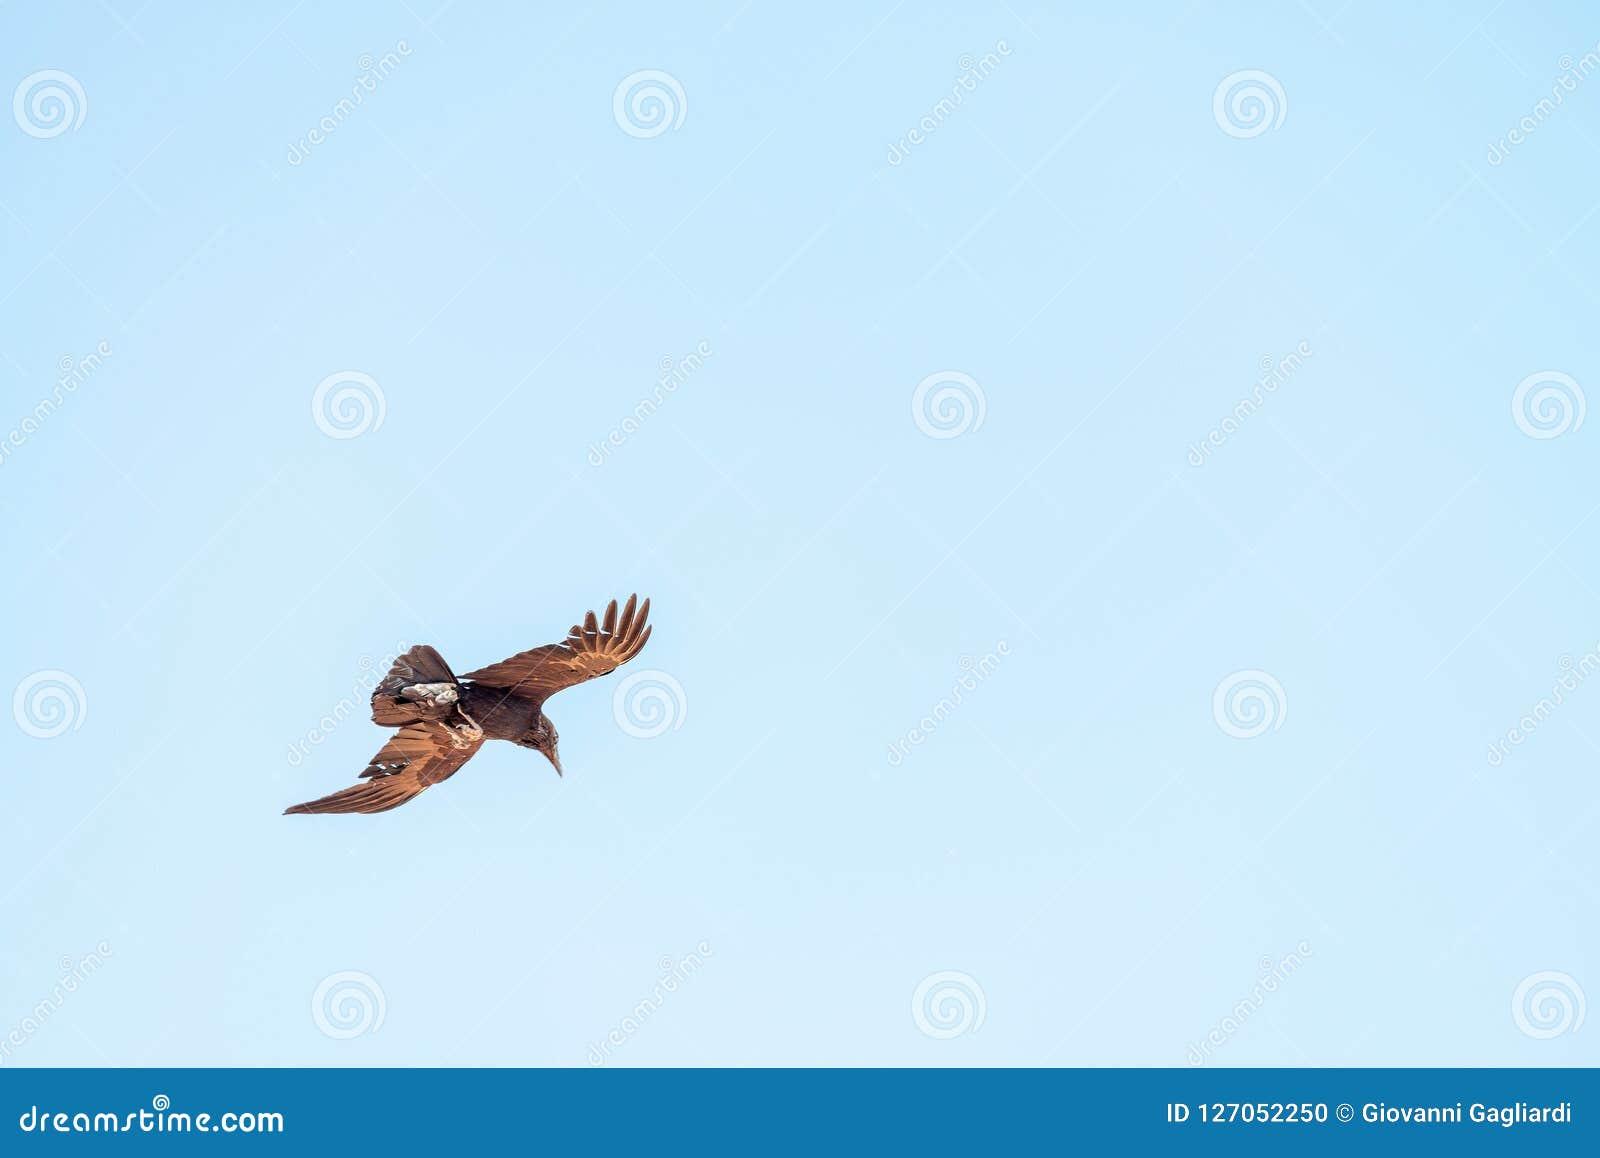 飞行在谷的鸟准备好夺取牺牲者